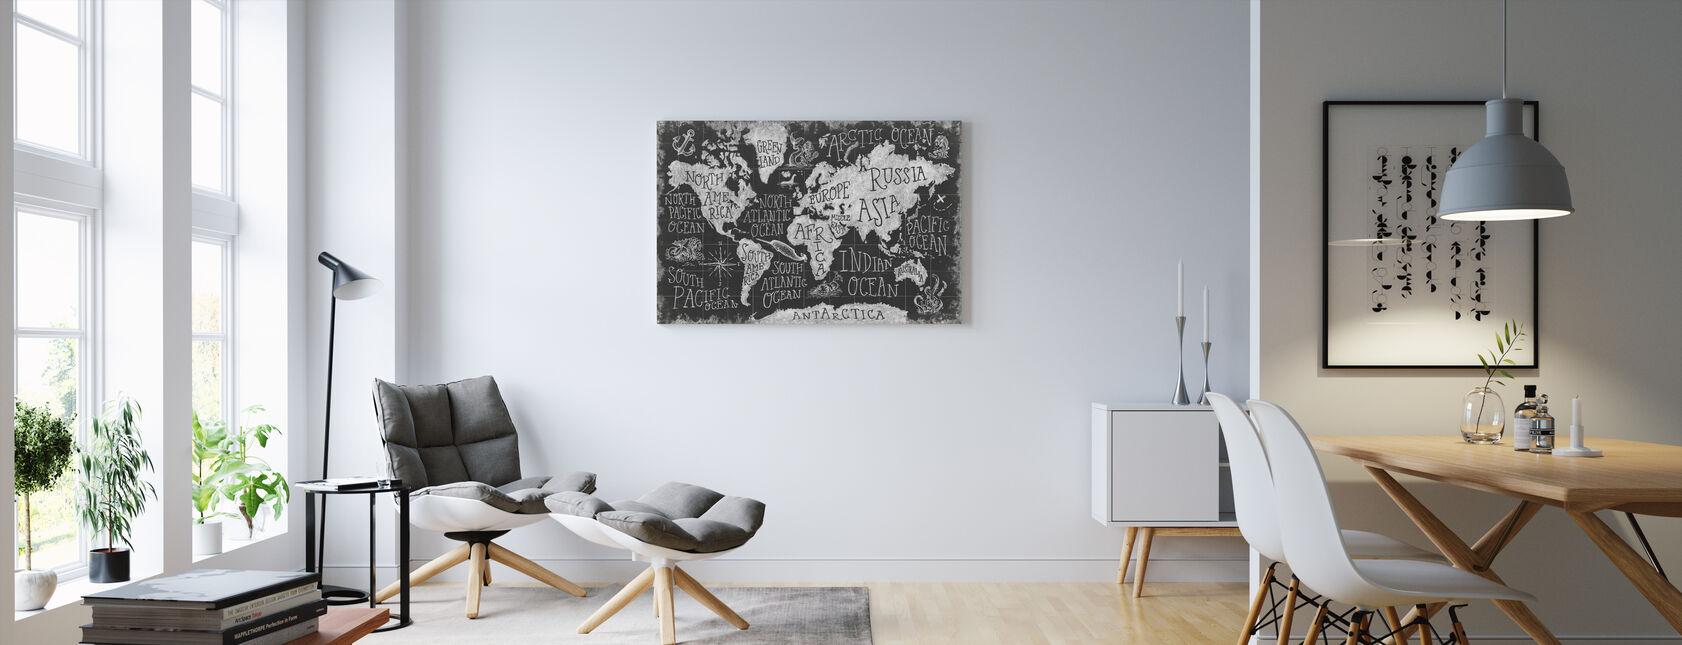 Mityczna mapa I, czarno-biała - Obraz na płótnie - Pokój dzienny